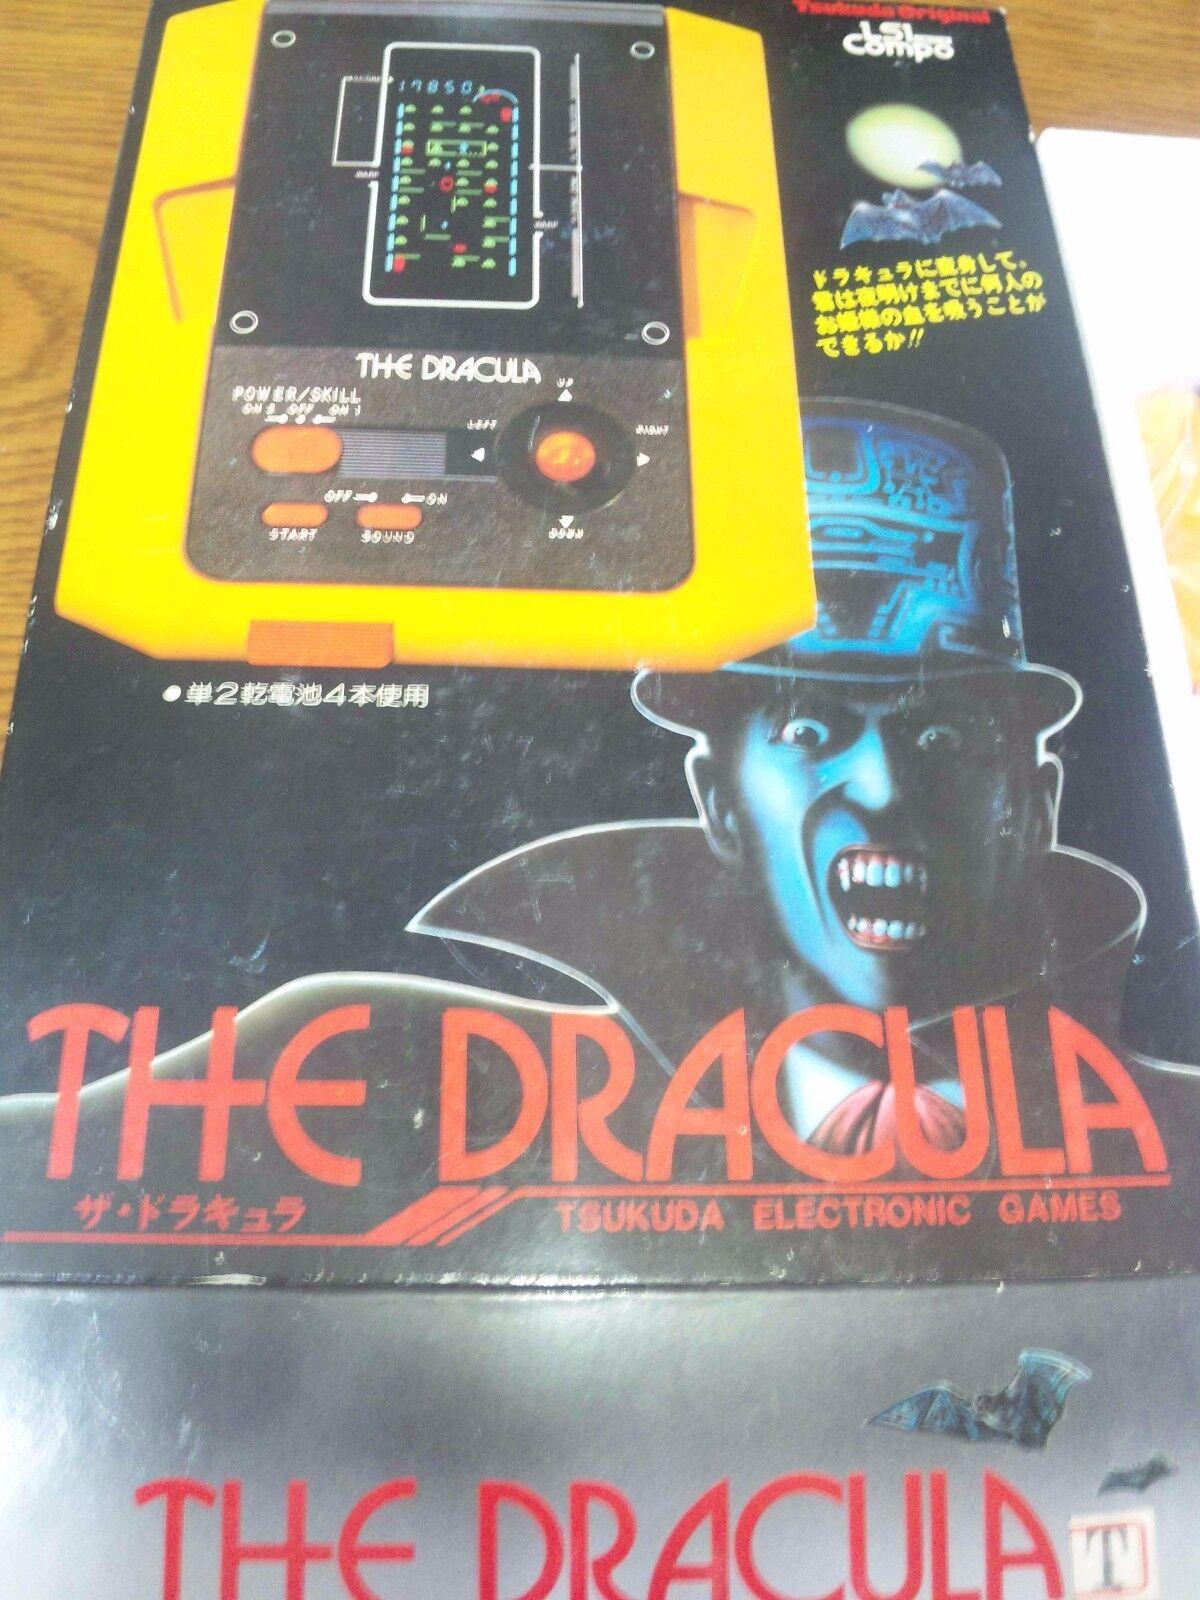 tienda hace compras y ventas LSI Compo el Drácula Tsukuda juegos electrónicos electrónicos electrónicos Tsukuda Original LSI Juego Compo  la calidad primero los consumidores primero